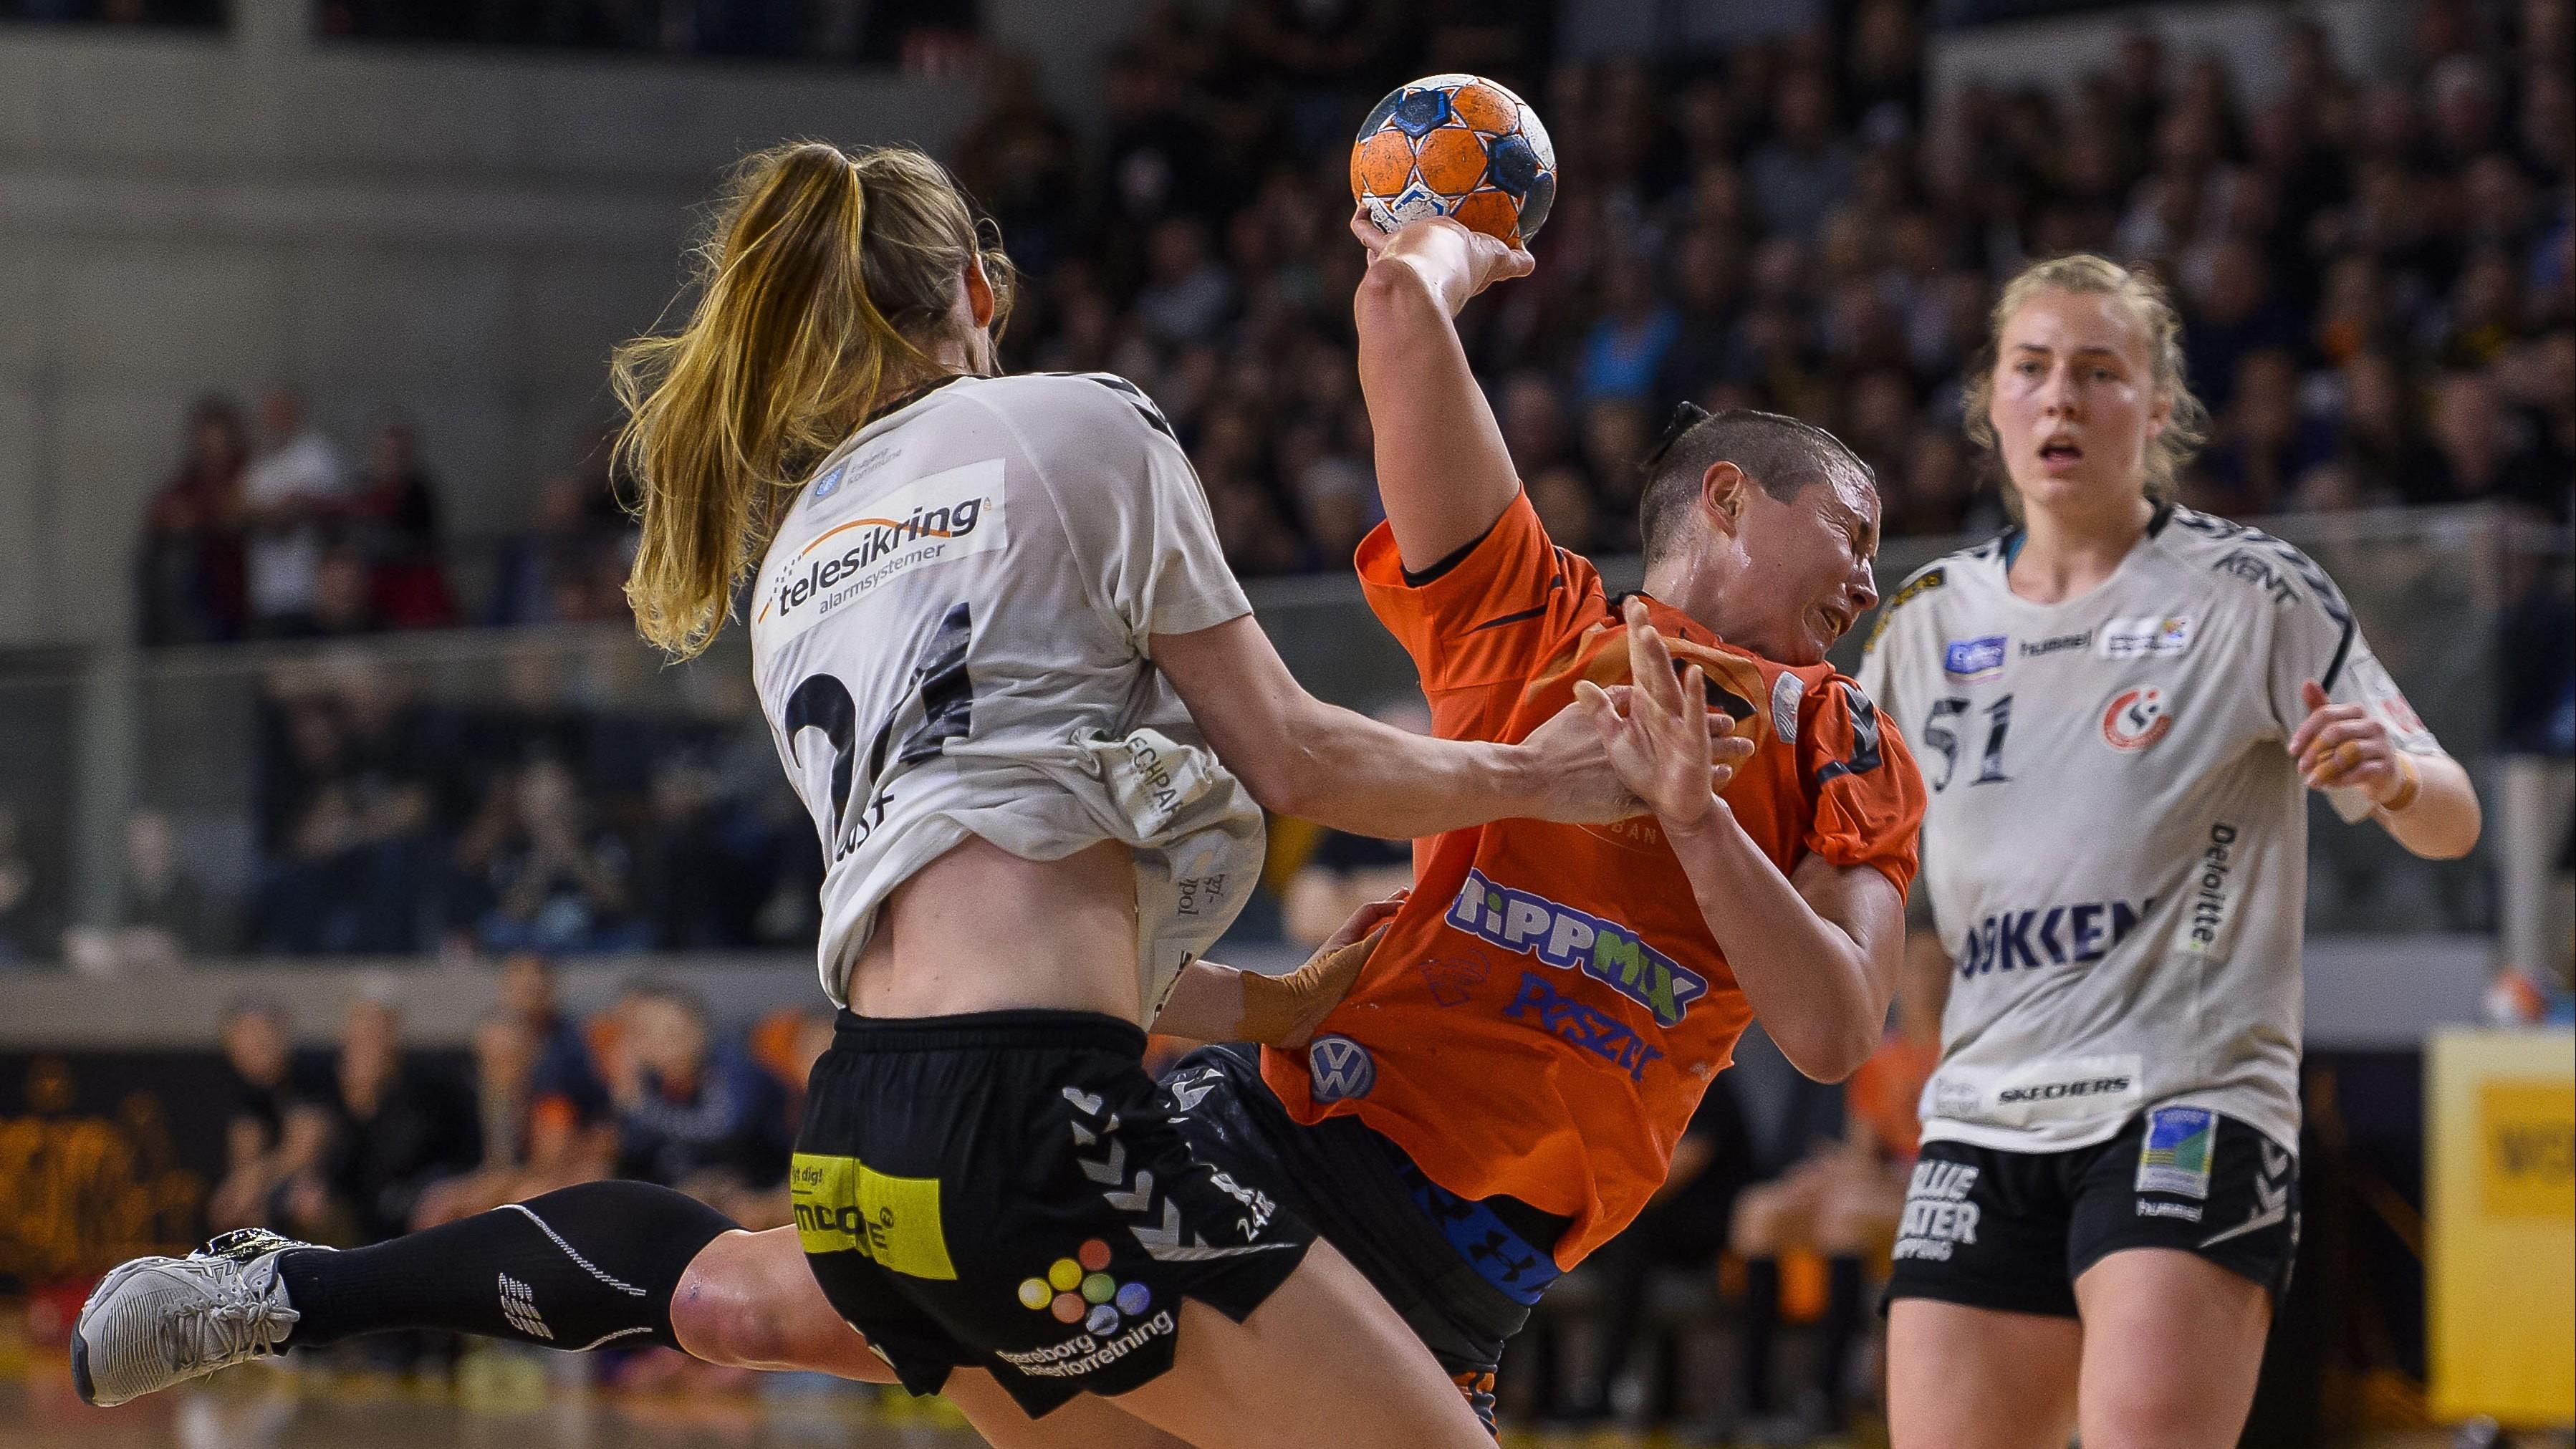 Női kézilabda EHF Kupa - Kupagyőztes a Siófok